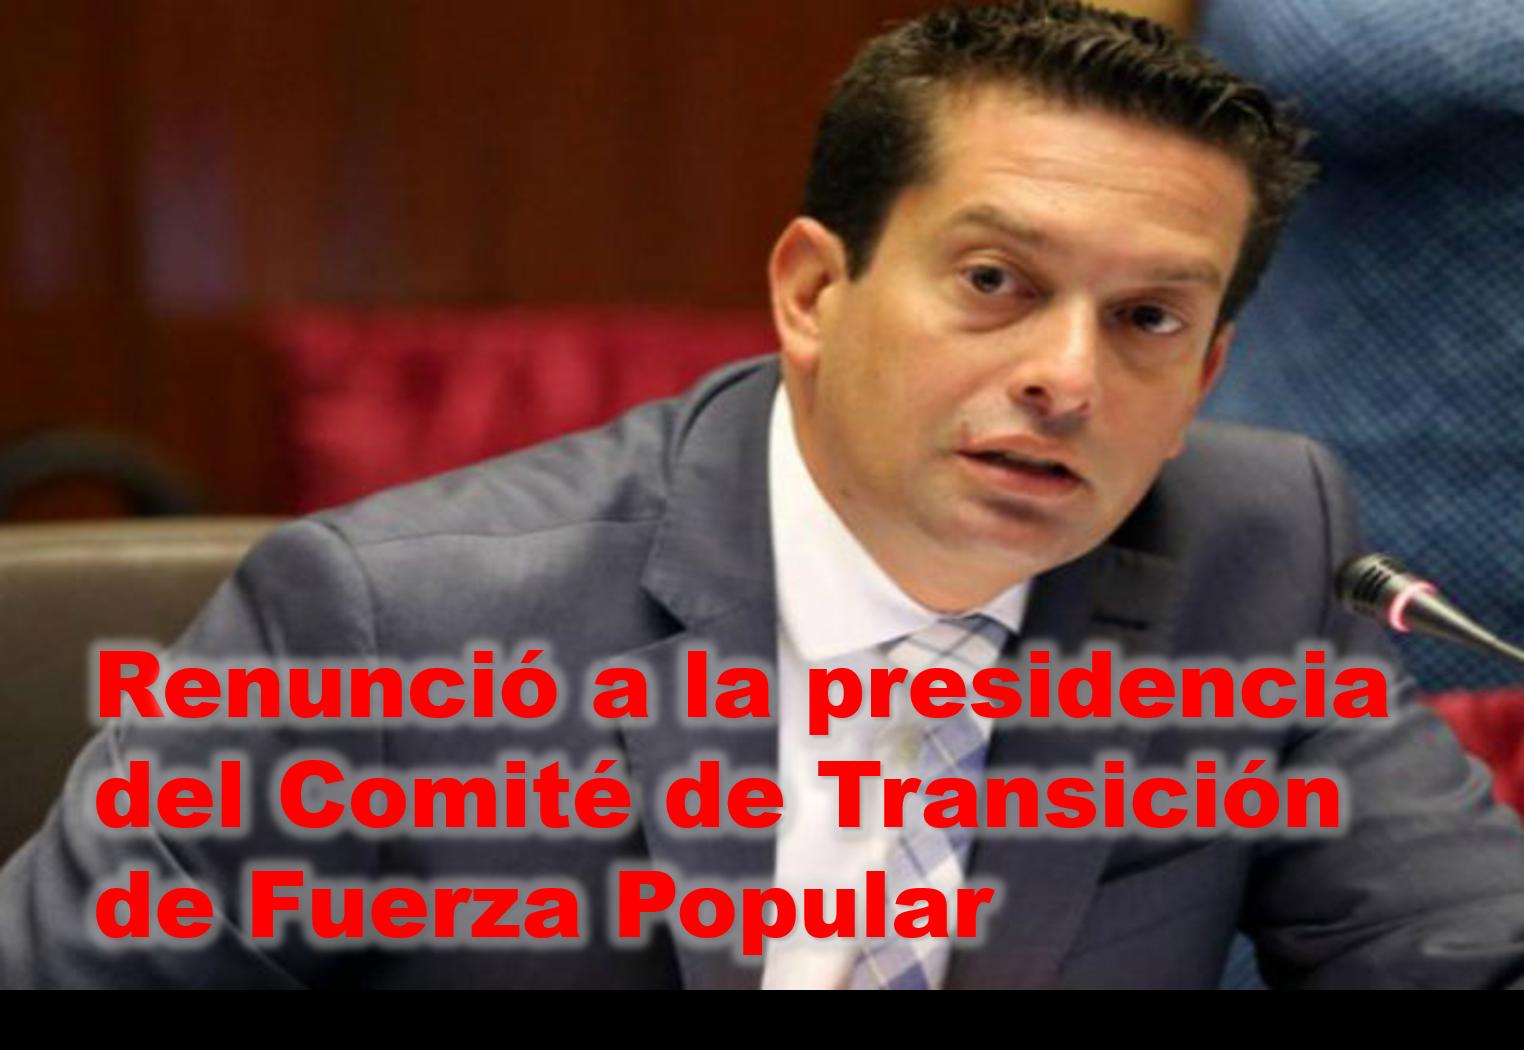 Miguel Torres renunció a presidencia del Comité de Transición de Fuerza Popular